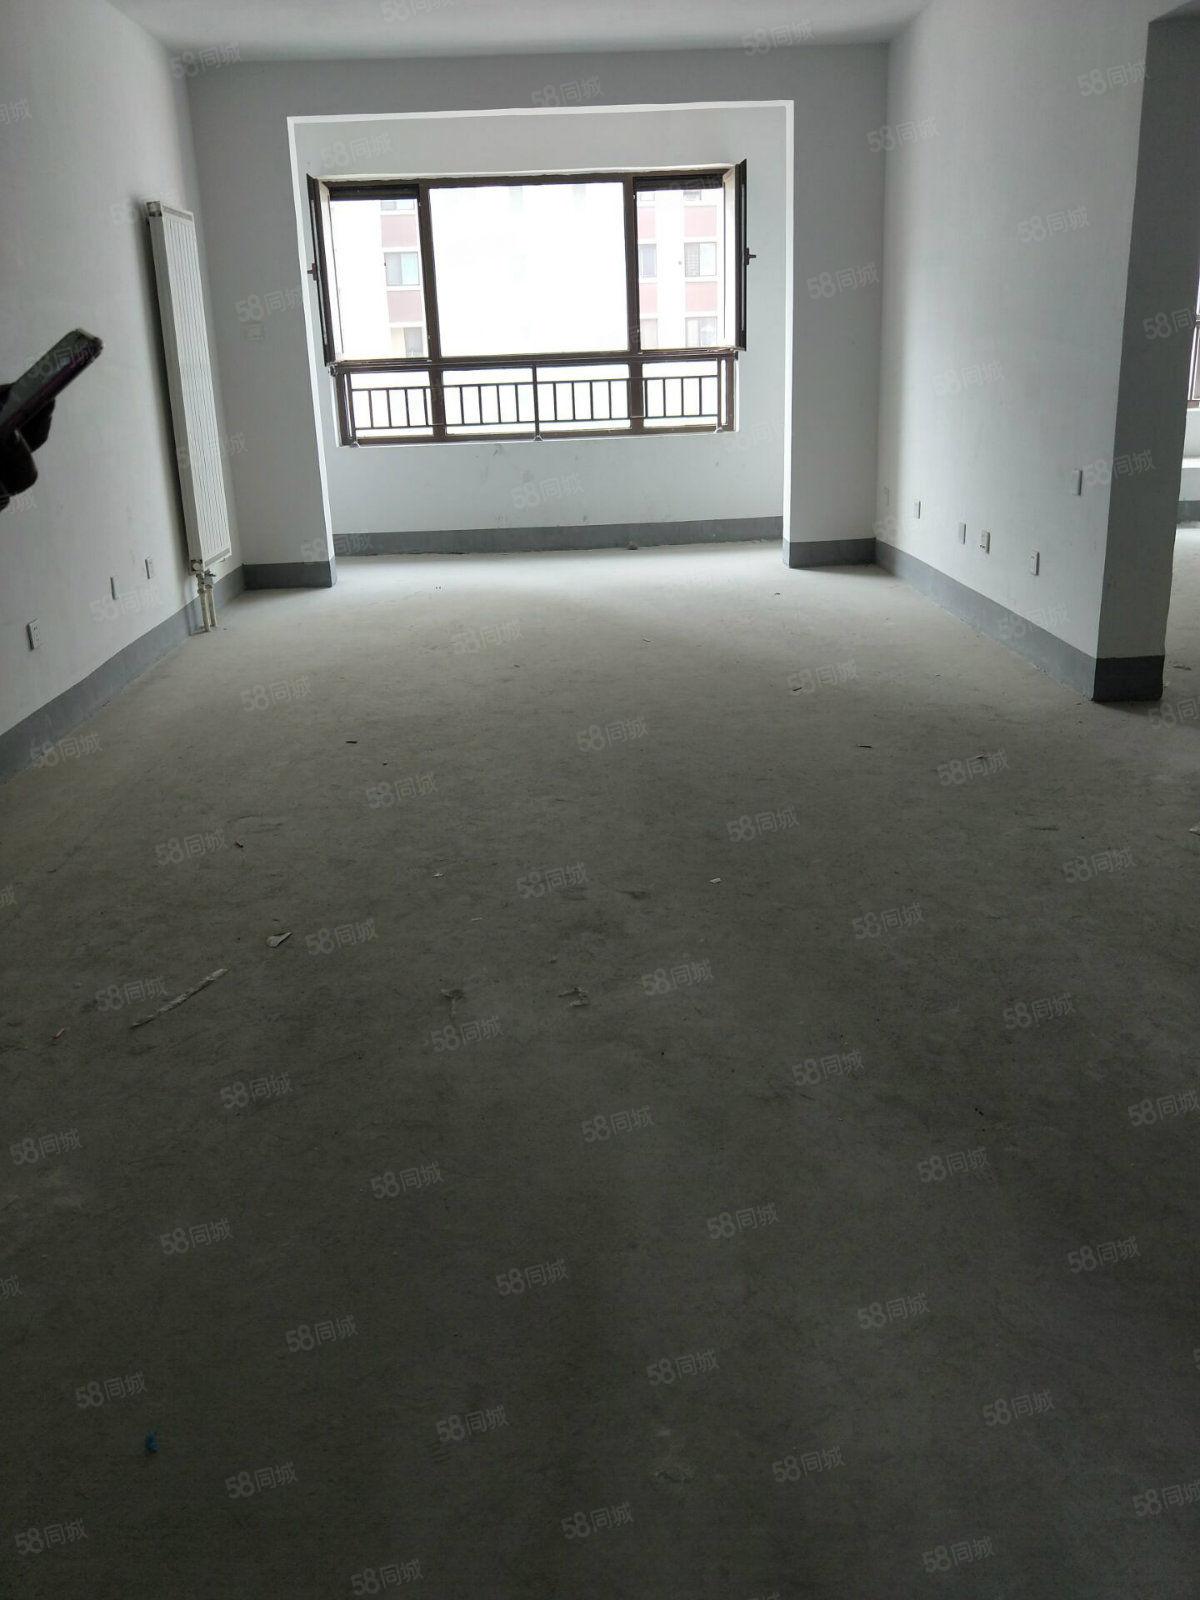 價格低到冰點!萬達華府新房未住戶型房子樓層好可隨時過